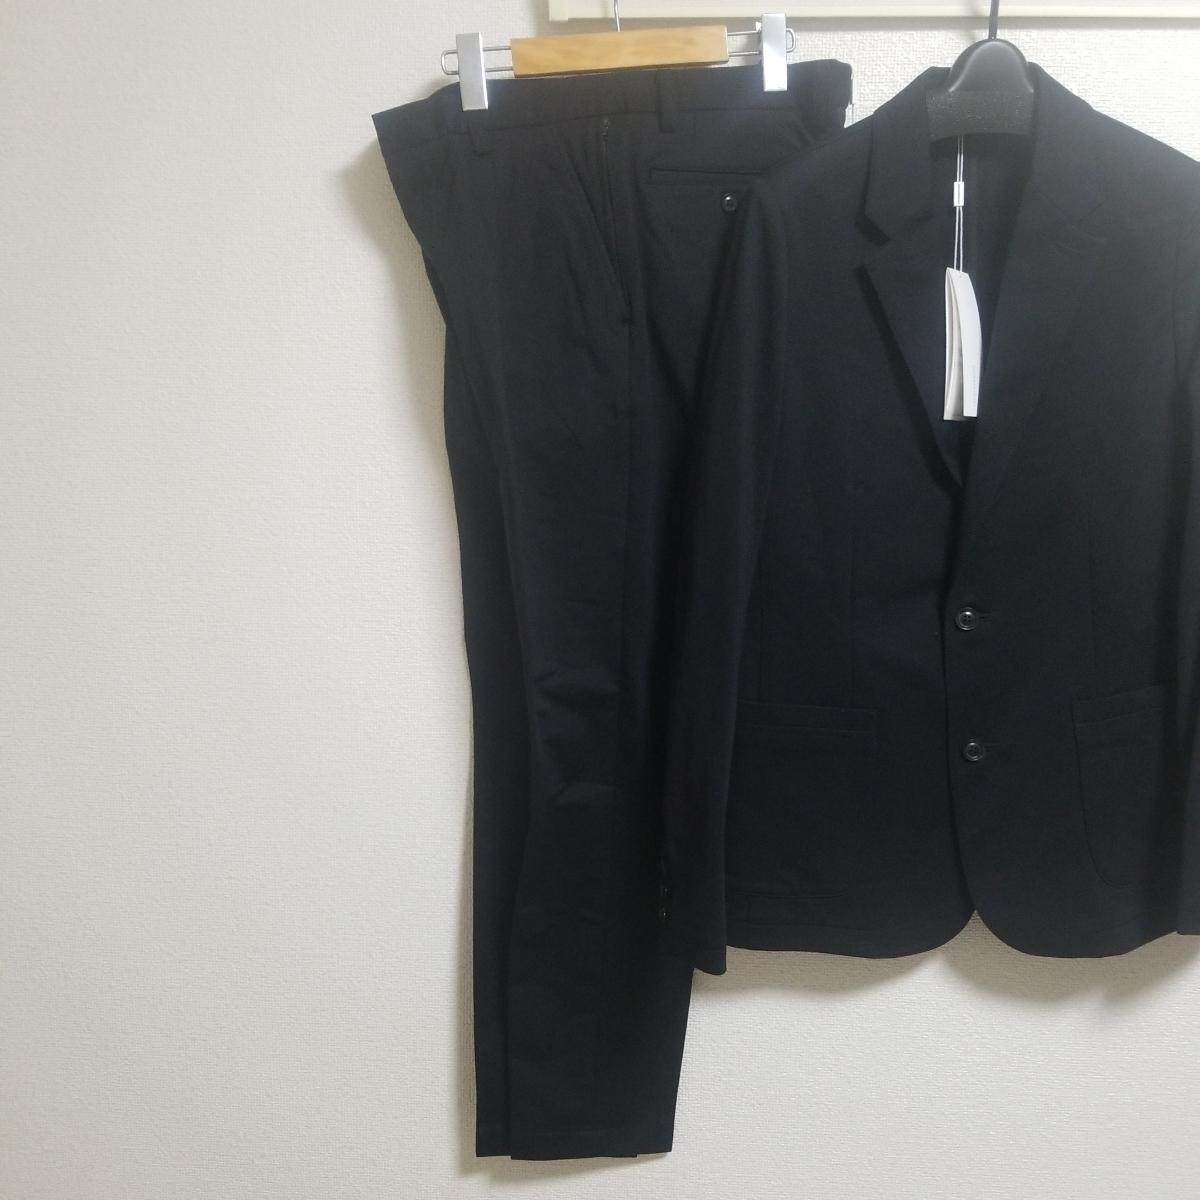 極美品19SS junhashimoto ブラック ジャージーセットアップ size4 JERSEY JACKET 1031910007 JERSEY TUCK PANTS1071910012 wjkAKM1piu_画像10